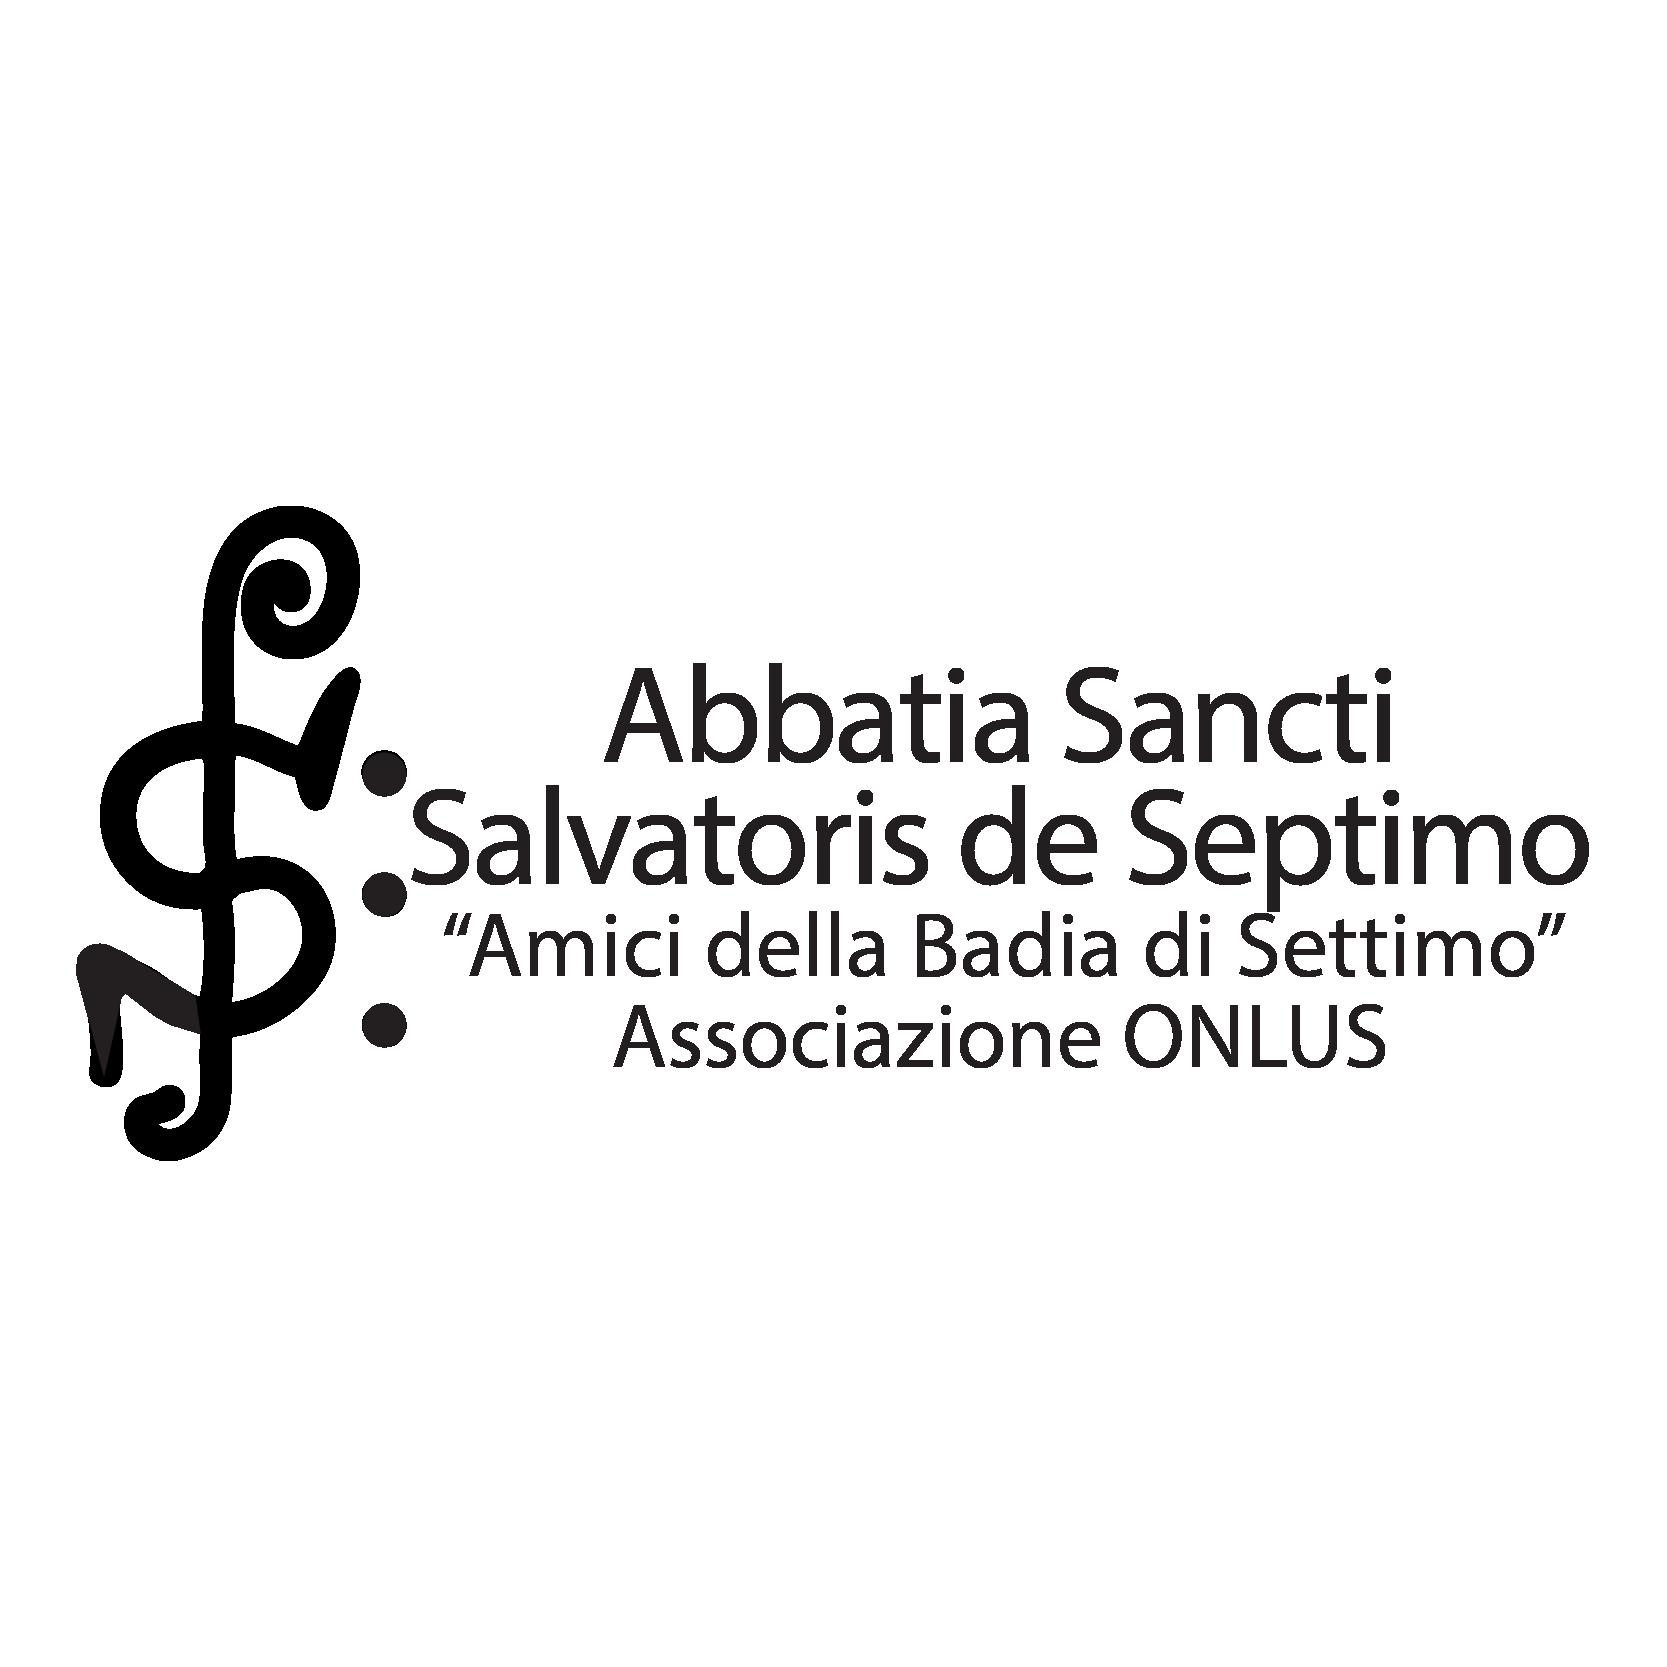 abbatiaSancti